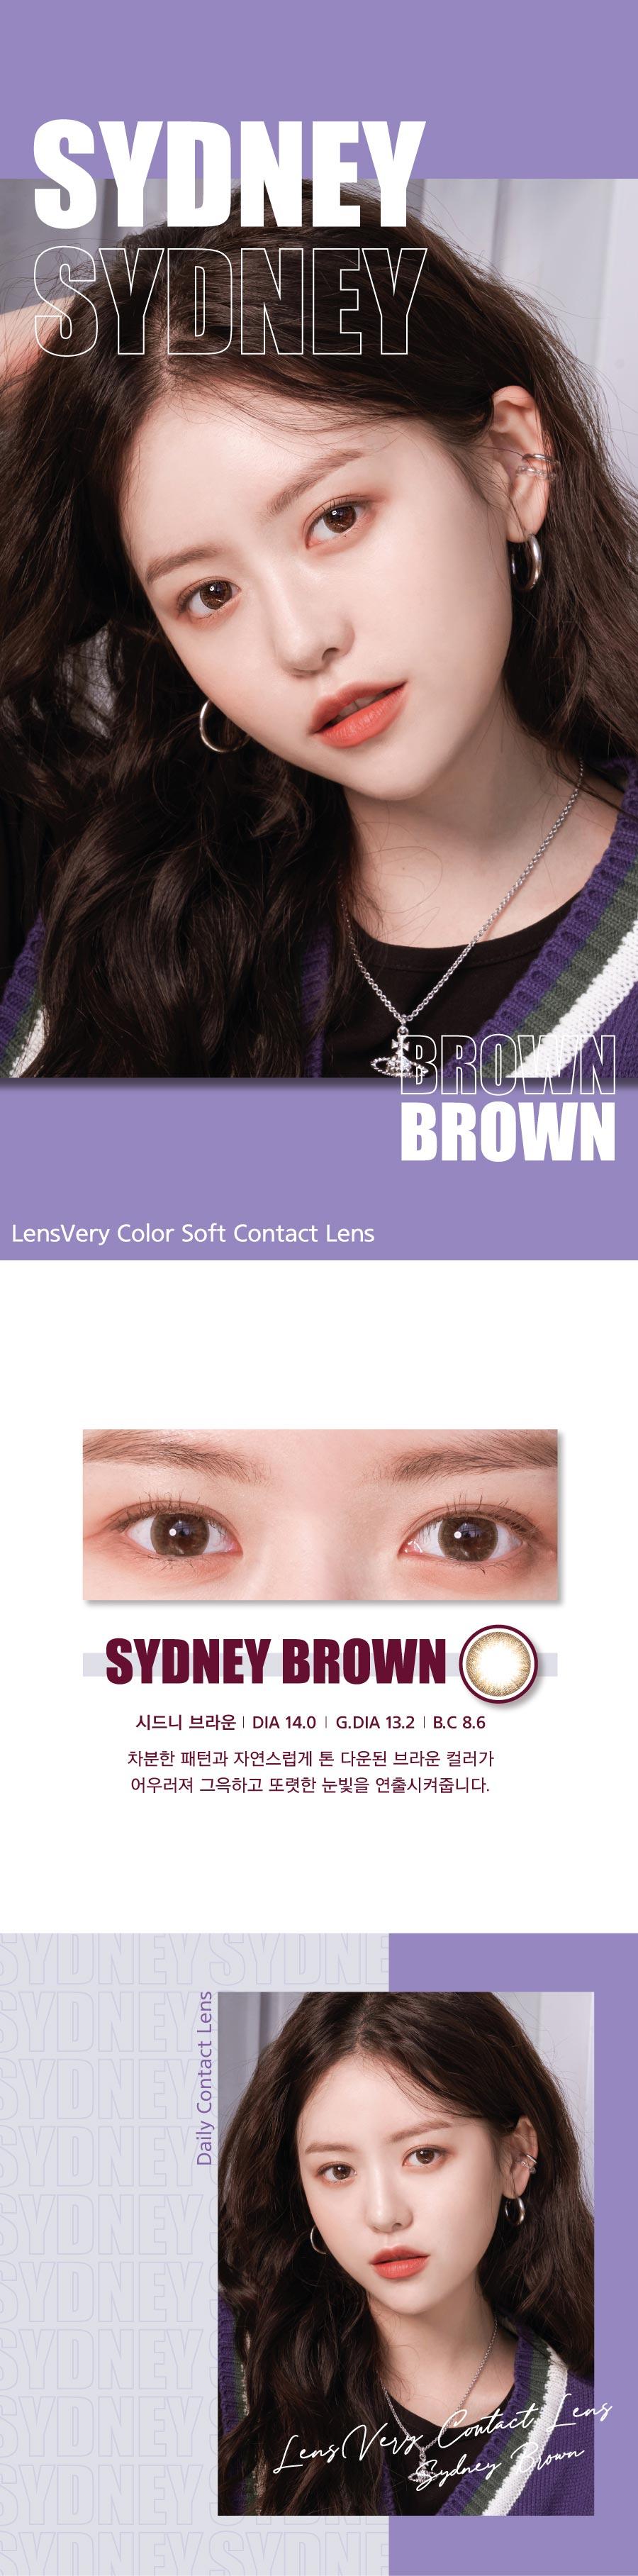 sydney-brown-circlelenses1.jpg